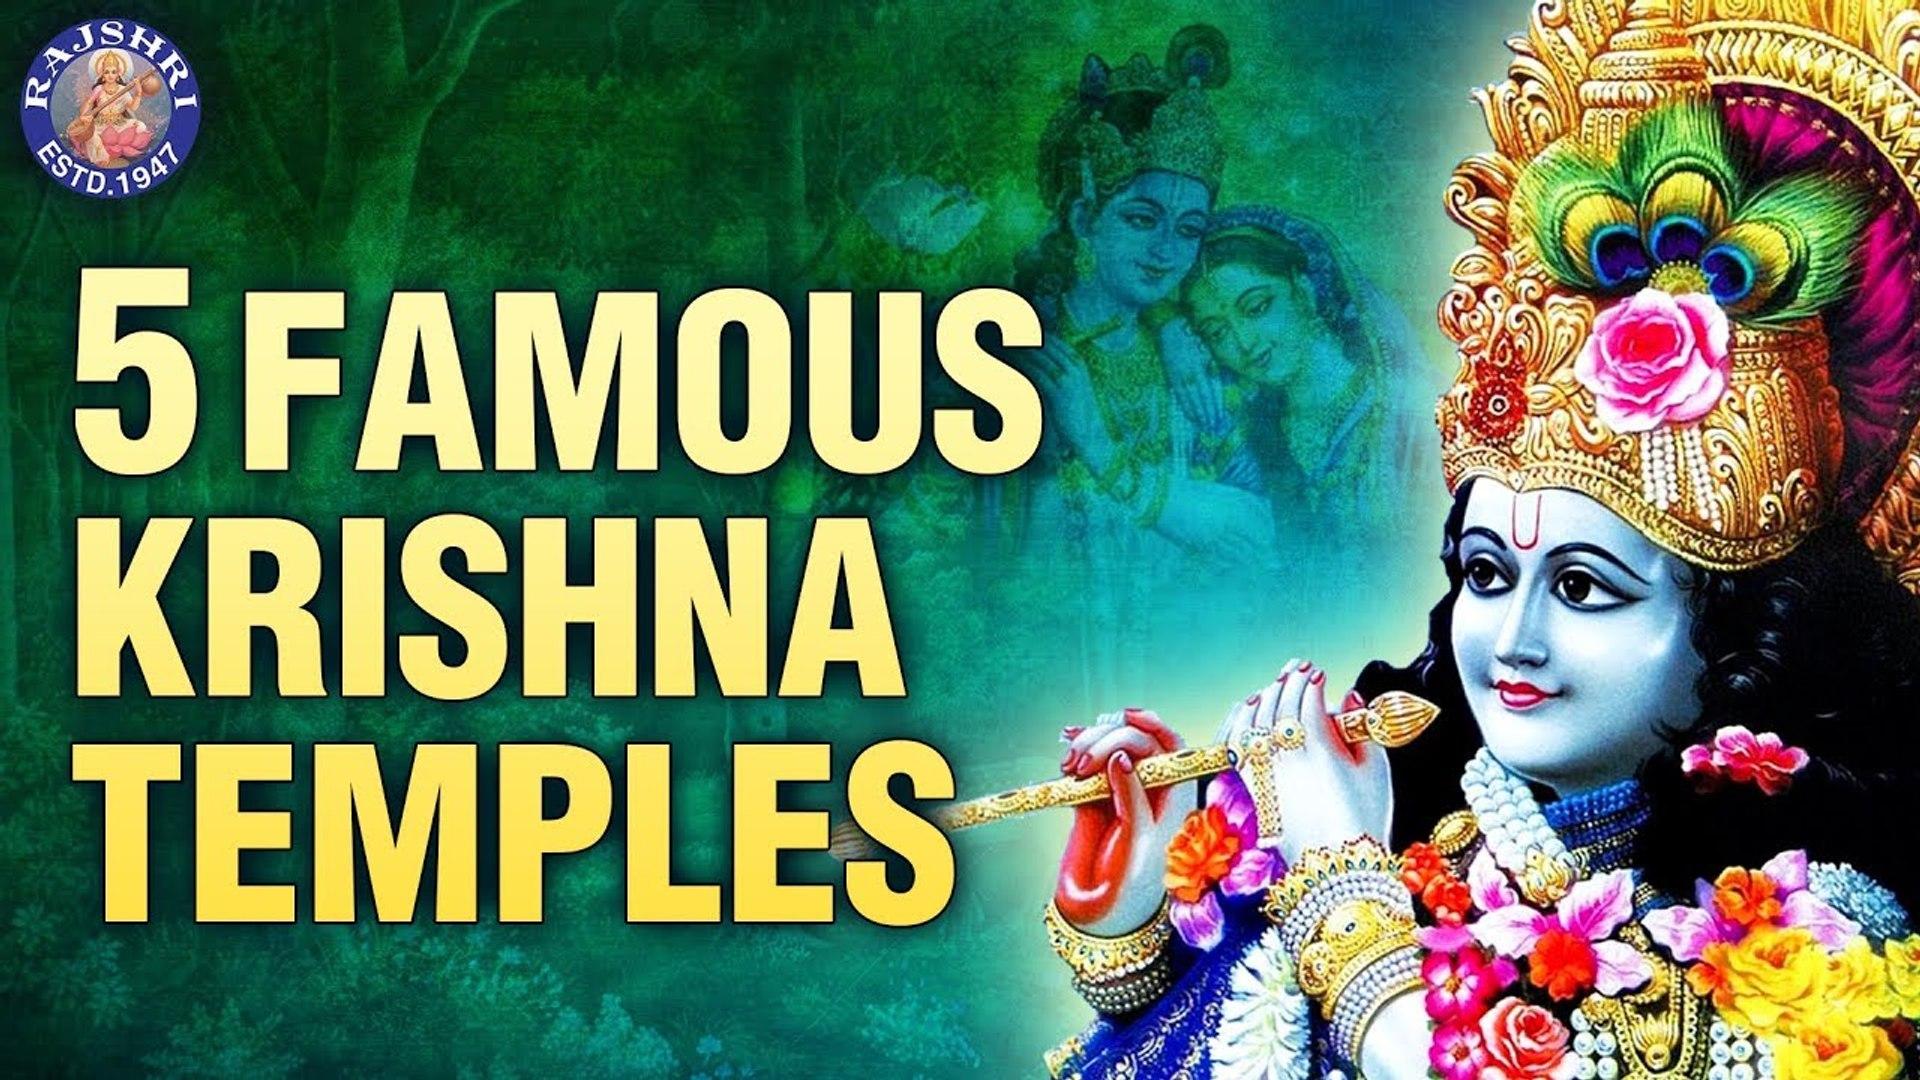 5 Famous Lord Krishna Temples | Sri Krishna Janmasthan Temple|Dwarkadish Temple| Banke Bihari Temple